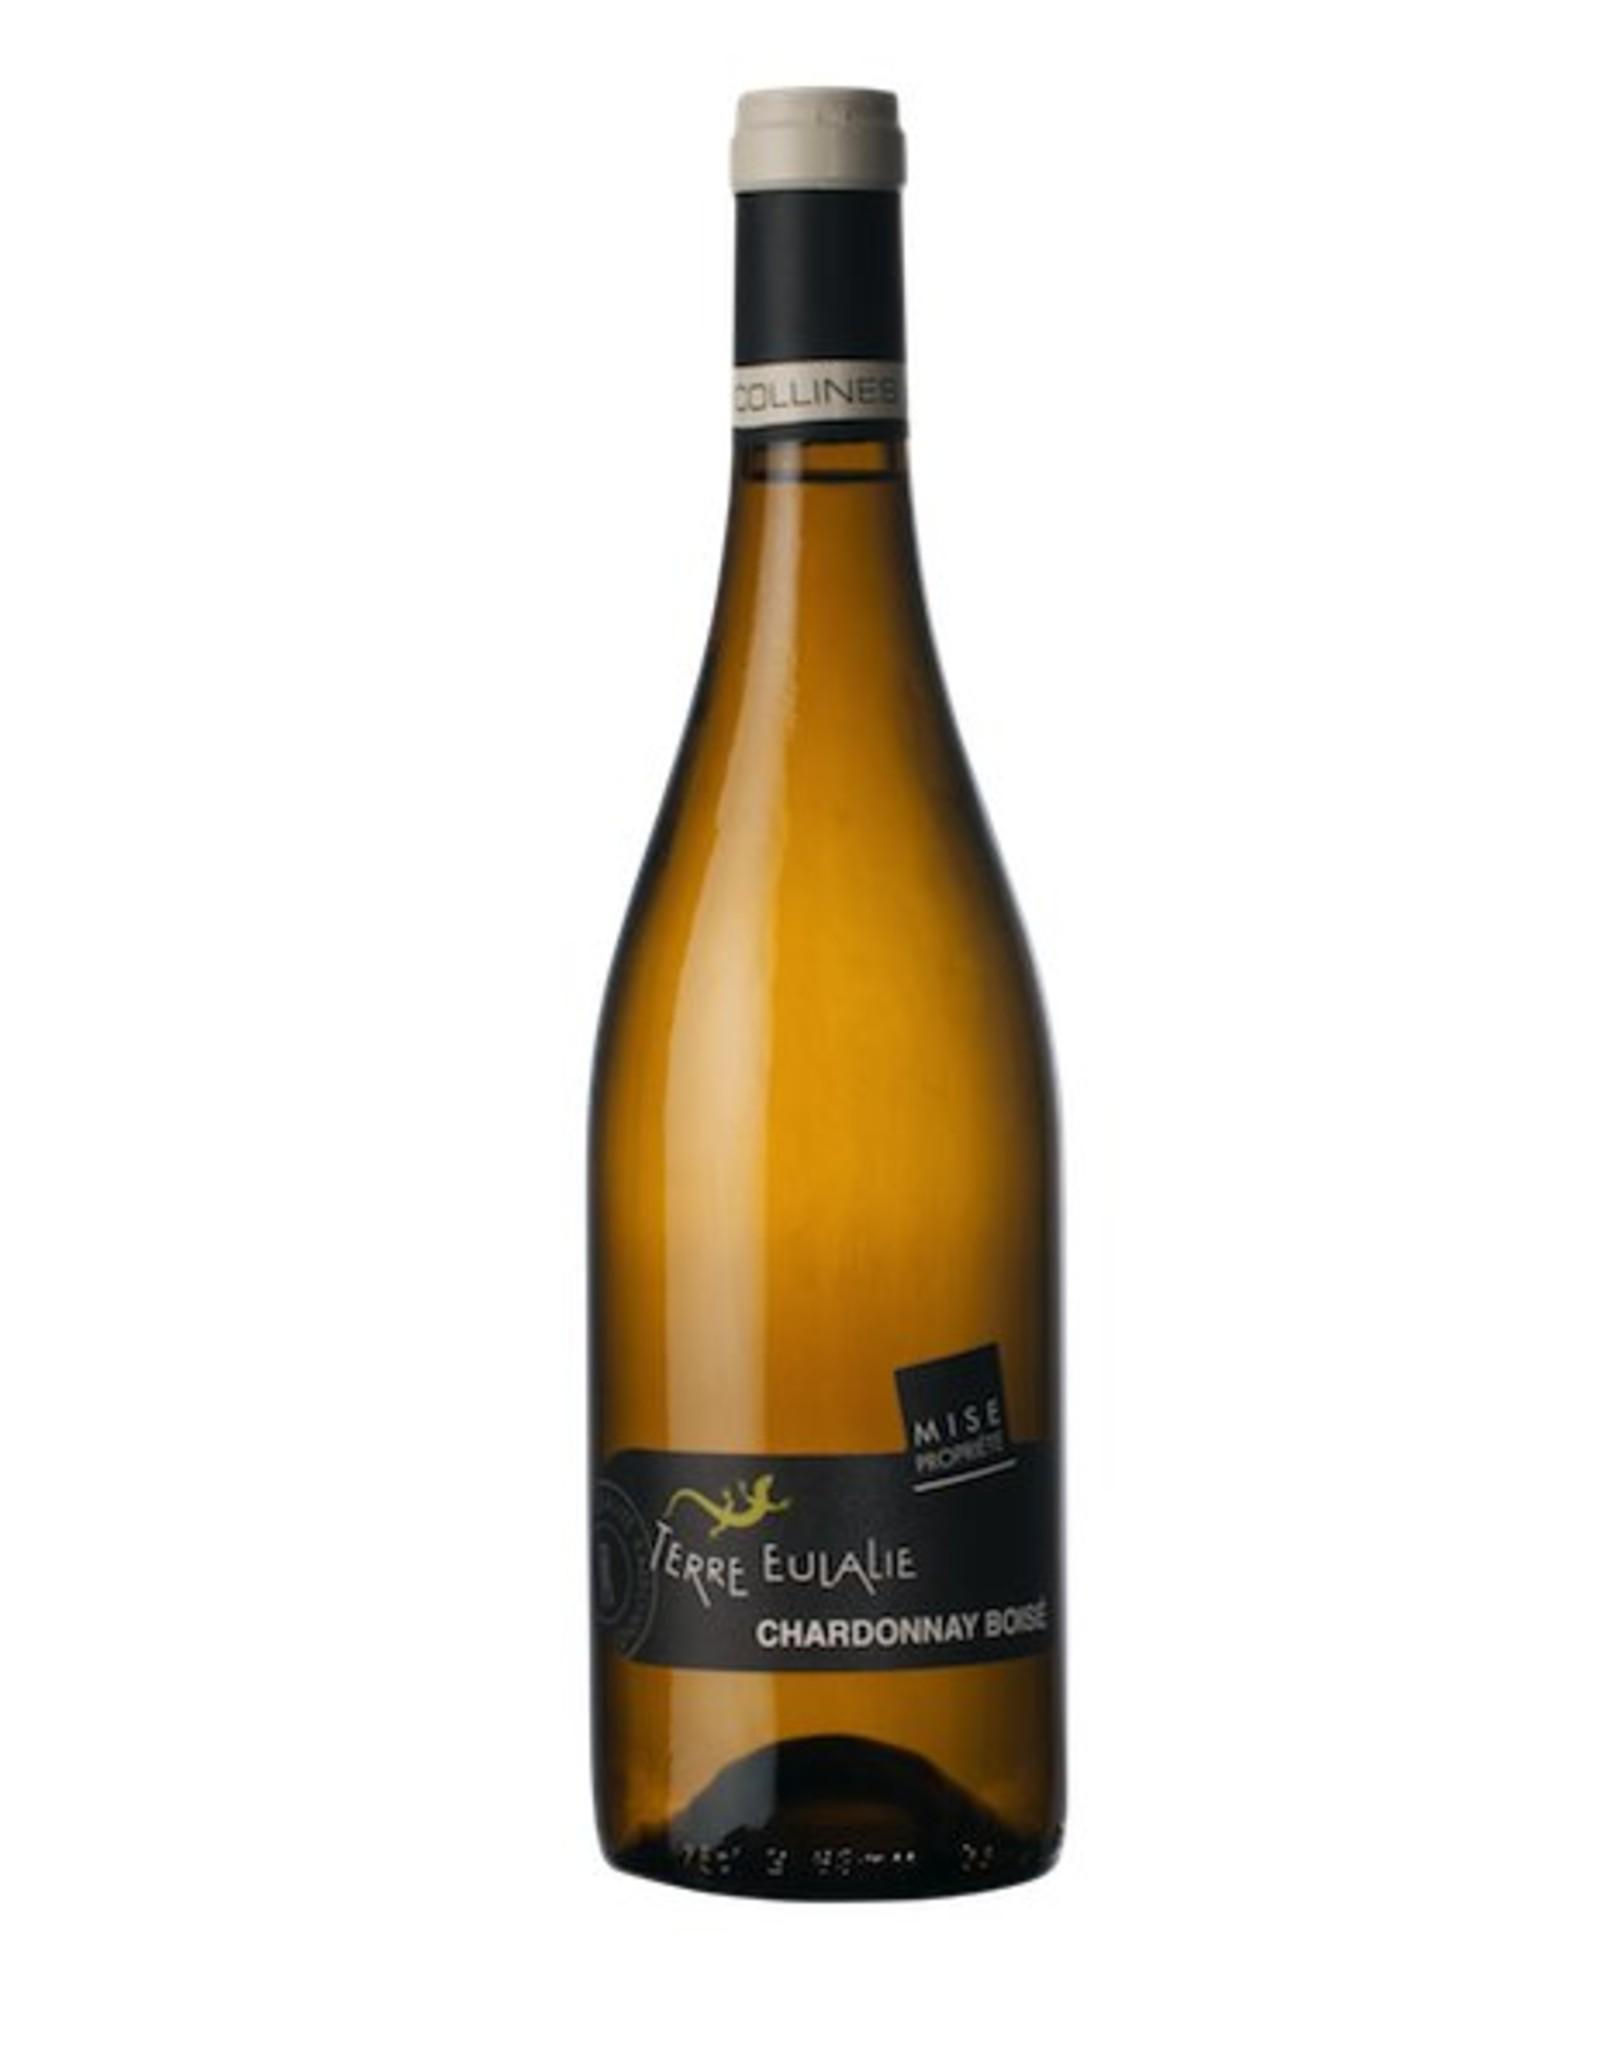 Proef Bourdic Chardonnay Boise